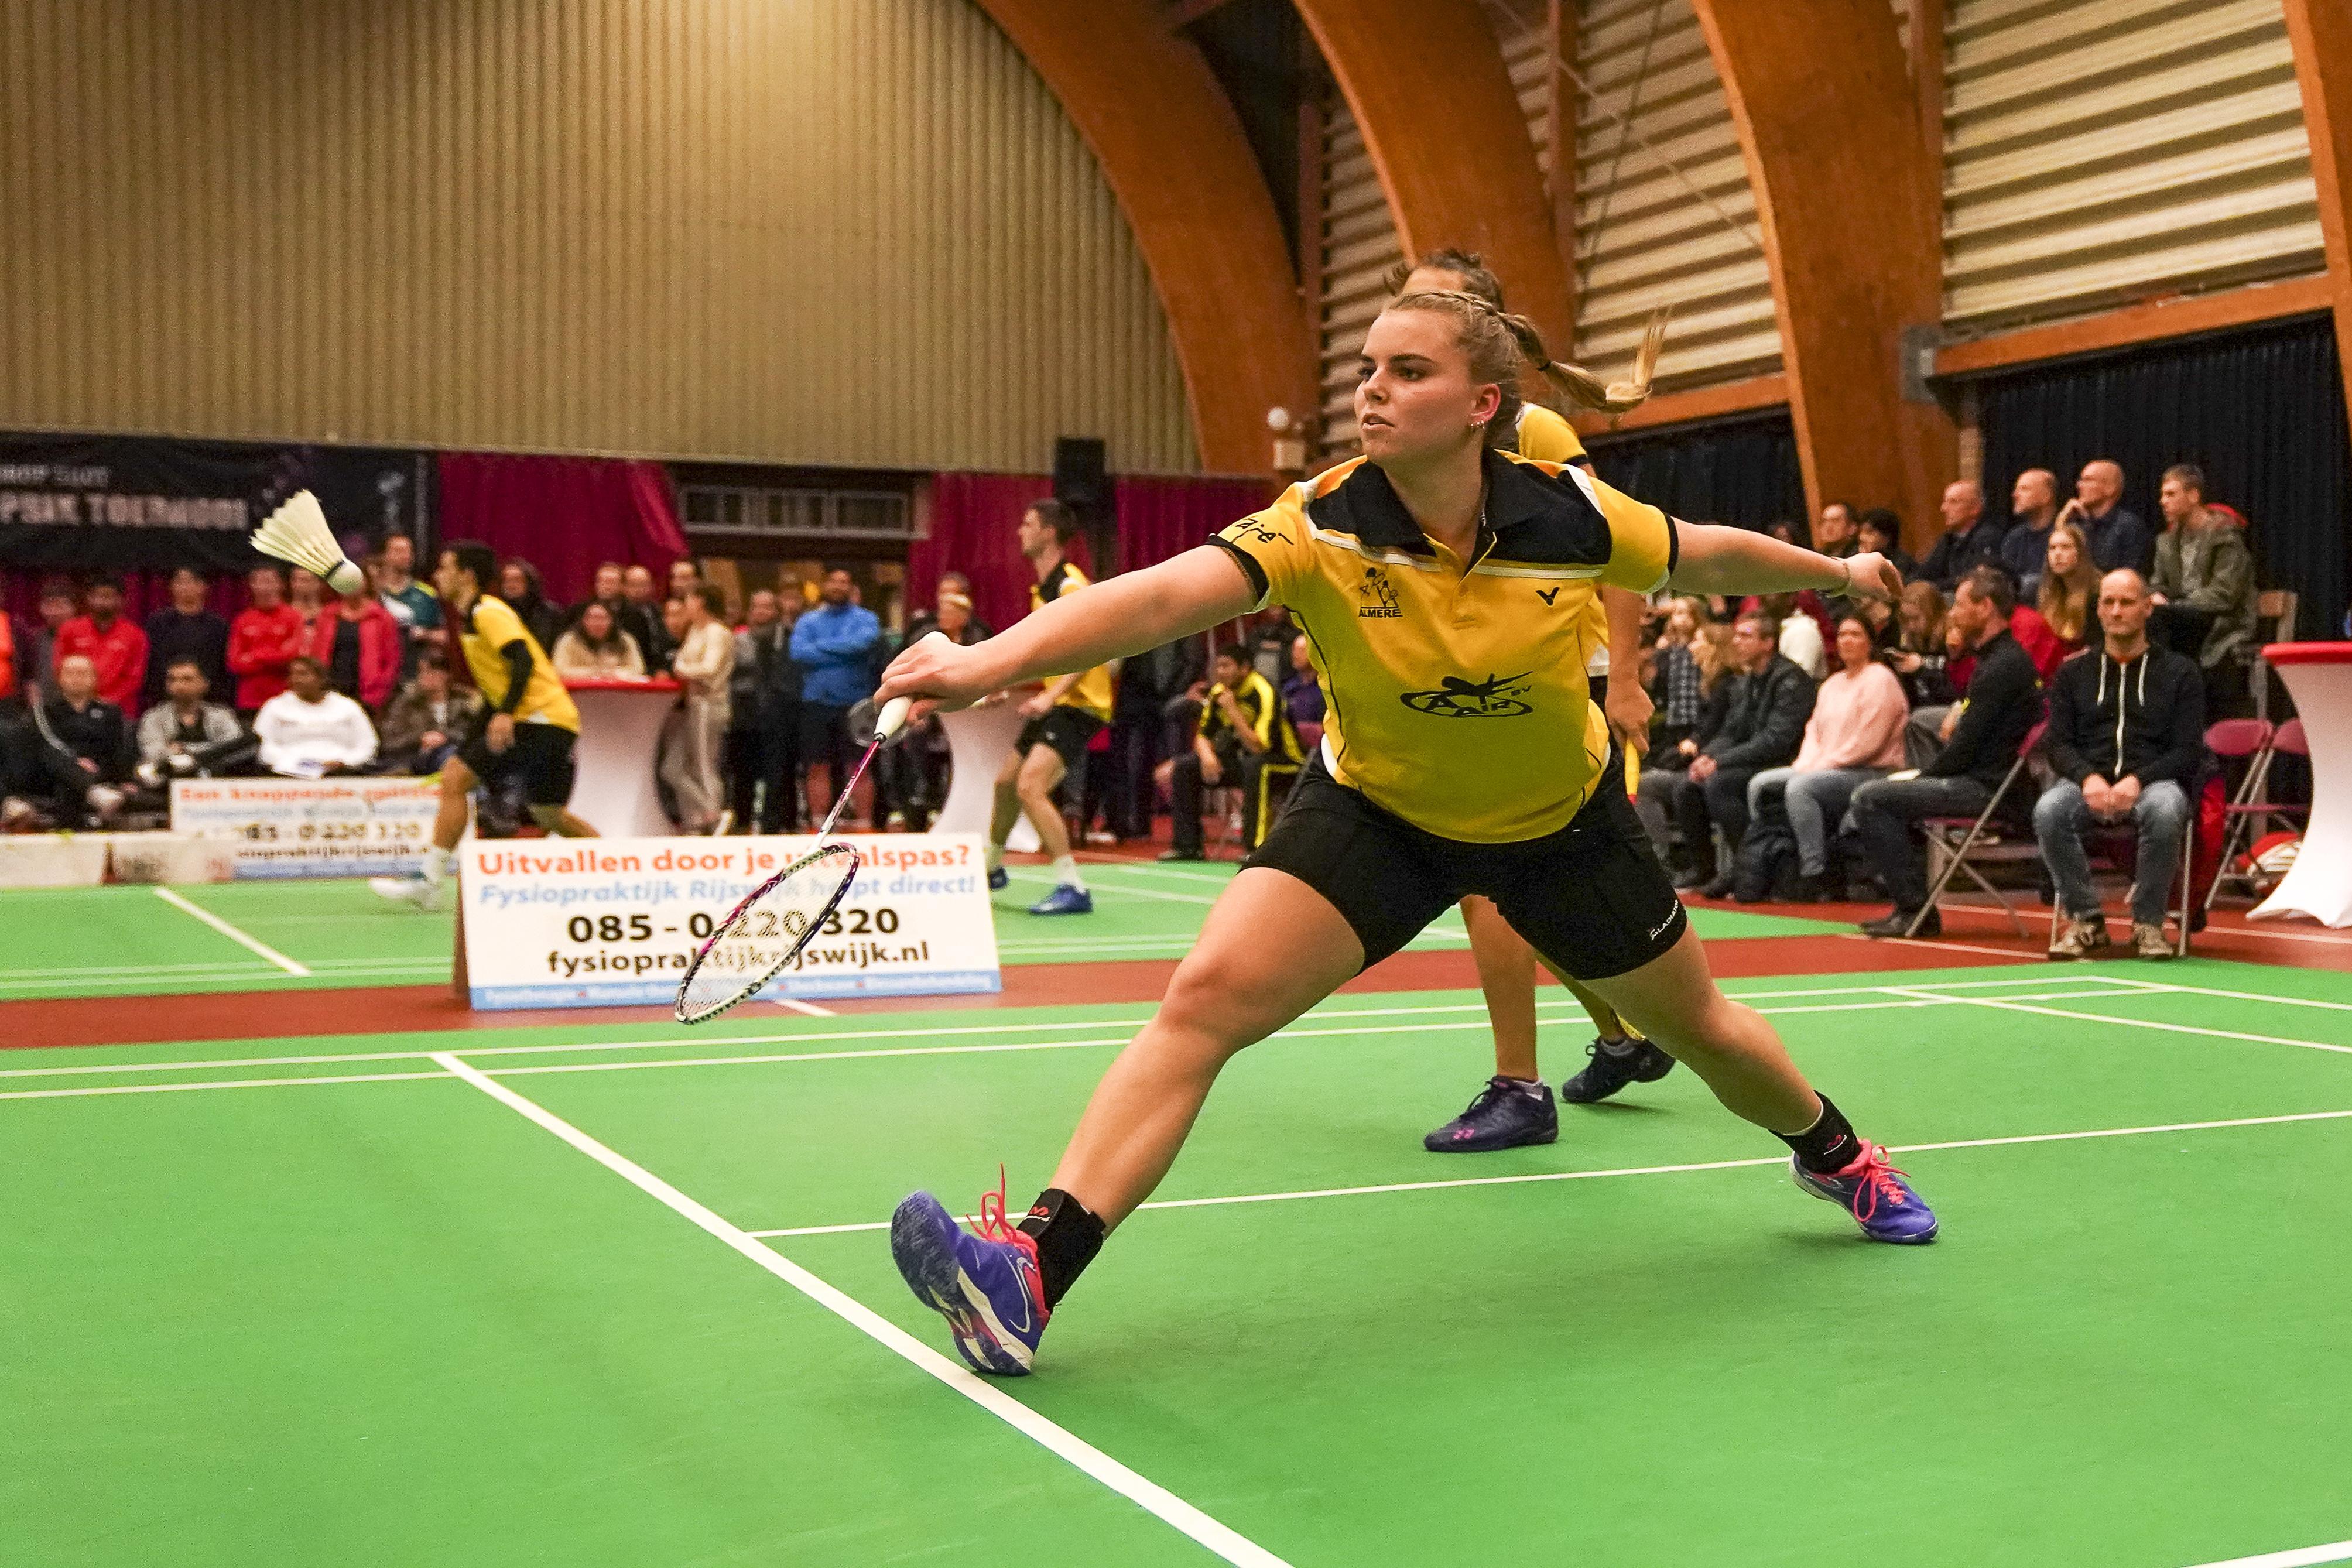 'Vier keer scheepsrecht'; Tamara van der Hoeven én haar club BV Almere 'eindelijk' landskampioen badminton